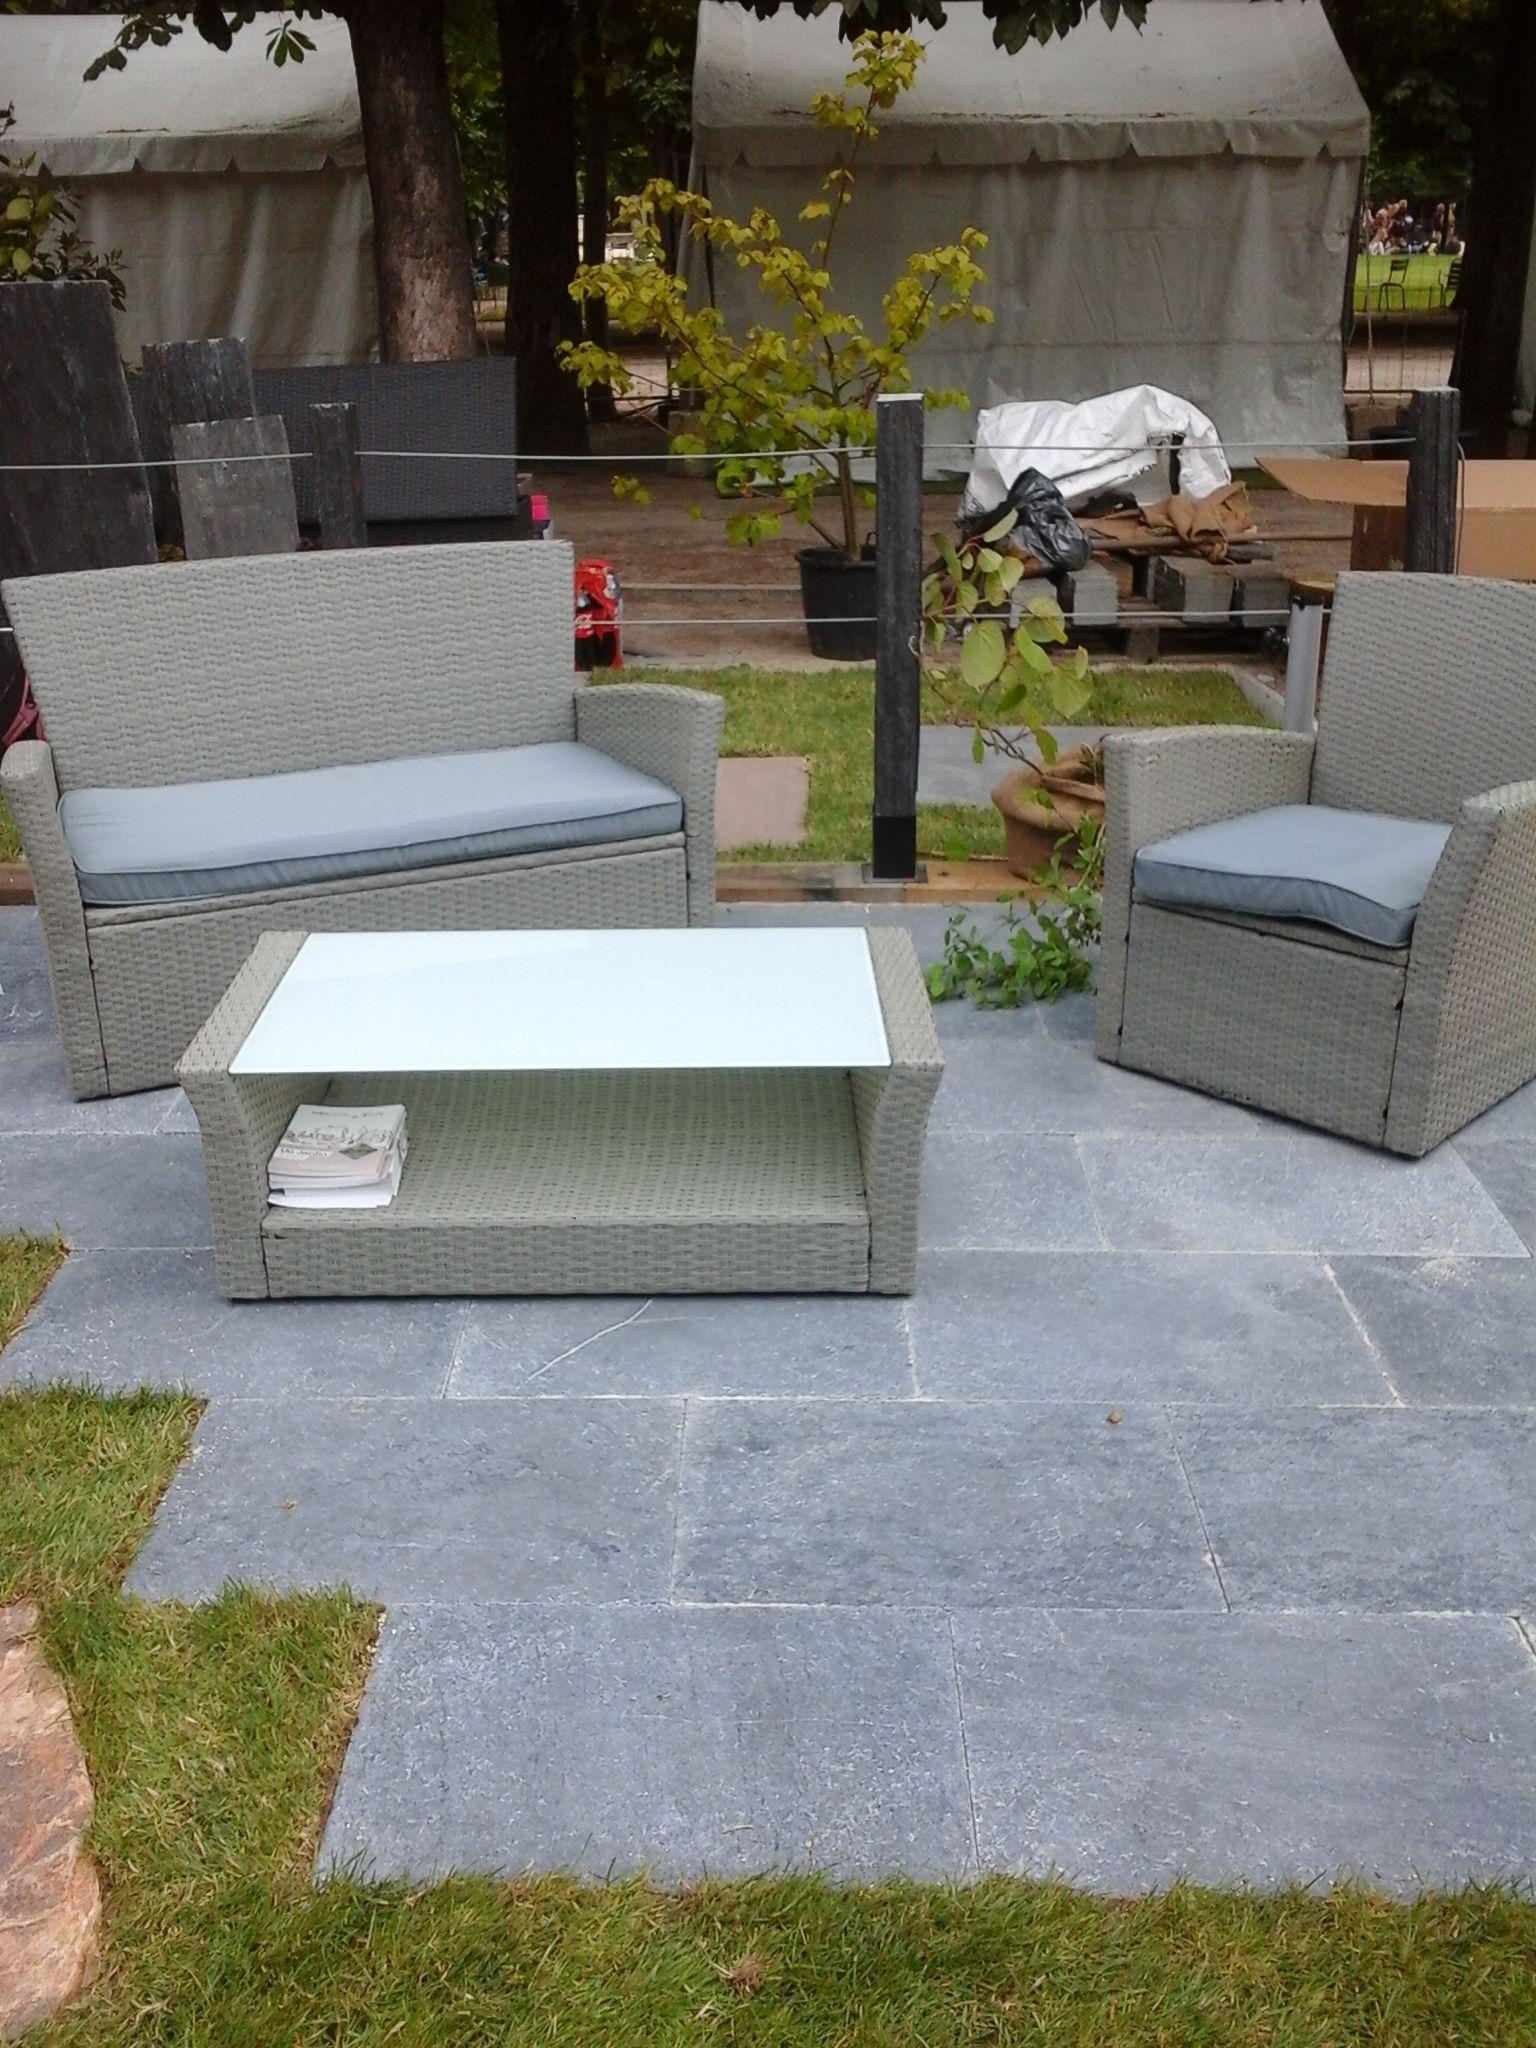 Dallage de gr s gris sur le sol du jardin cupa stone - Cours de carrelage ...